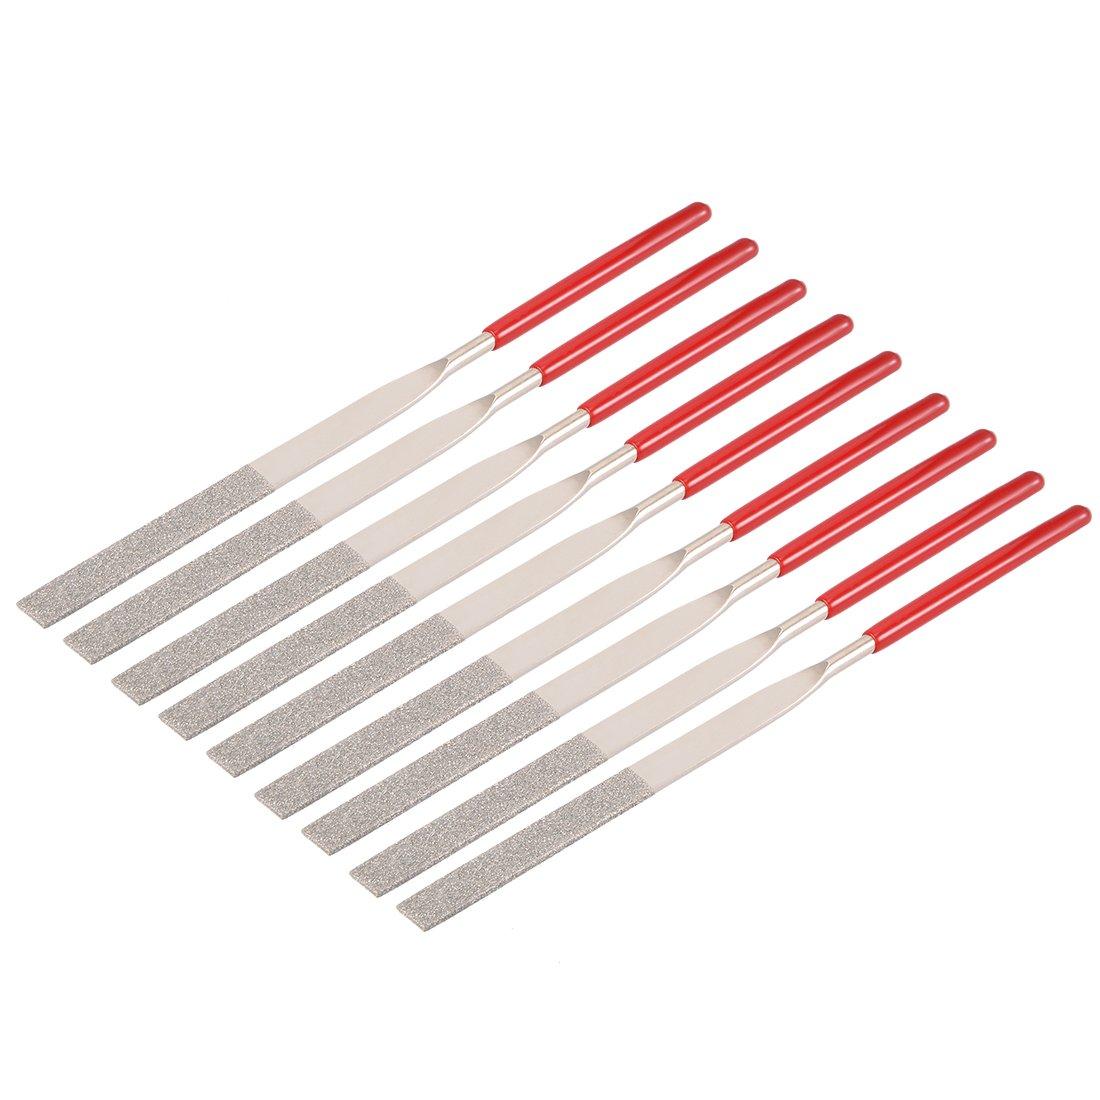 a18031700ux0220 Sourcingmap 10/PCS 4/mm x 160/mm Dreieck Diamant-Nadelfeile K/örnung 150